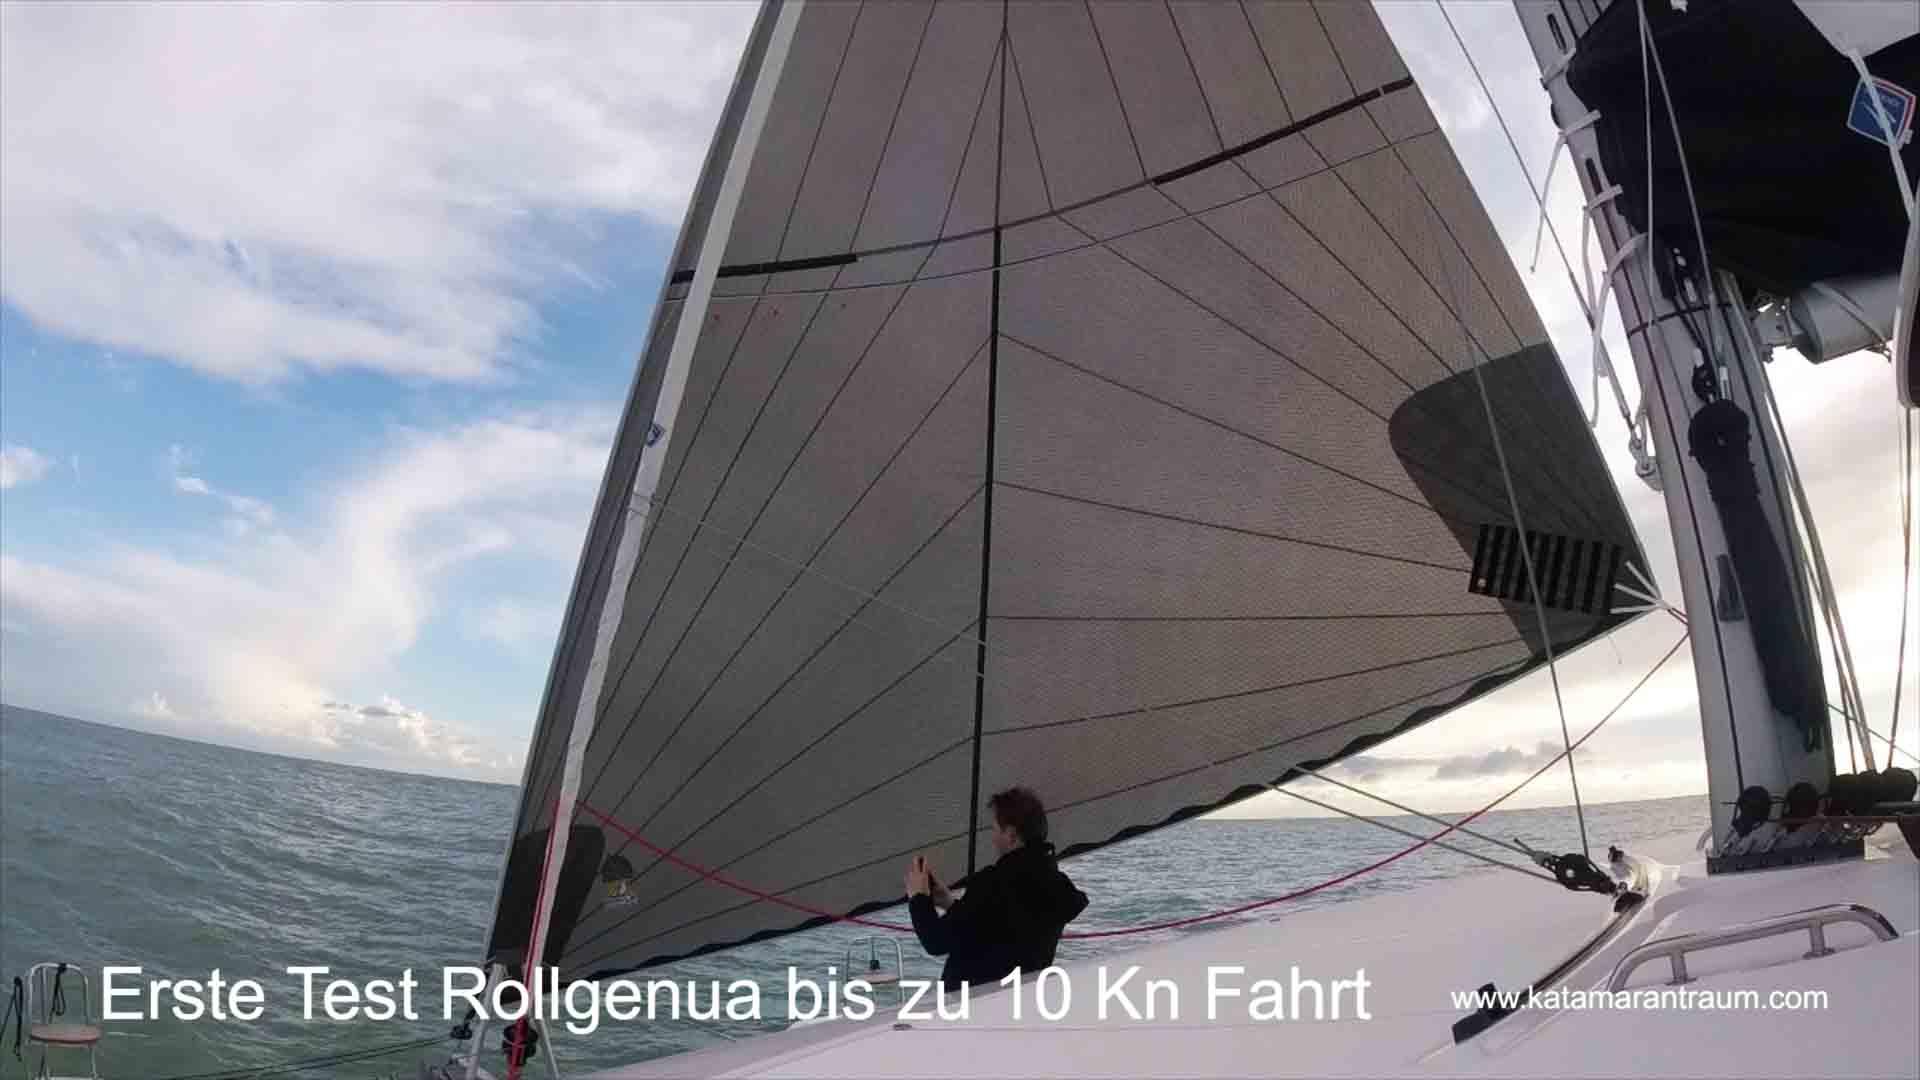 Beim Mitsegeln mit Rollgenua 69 m²